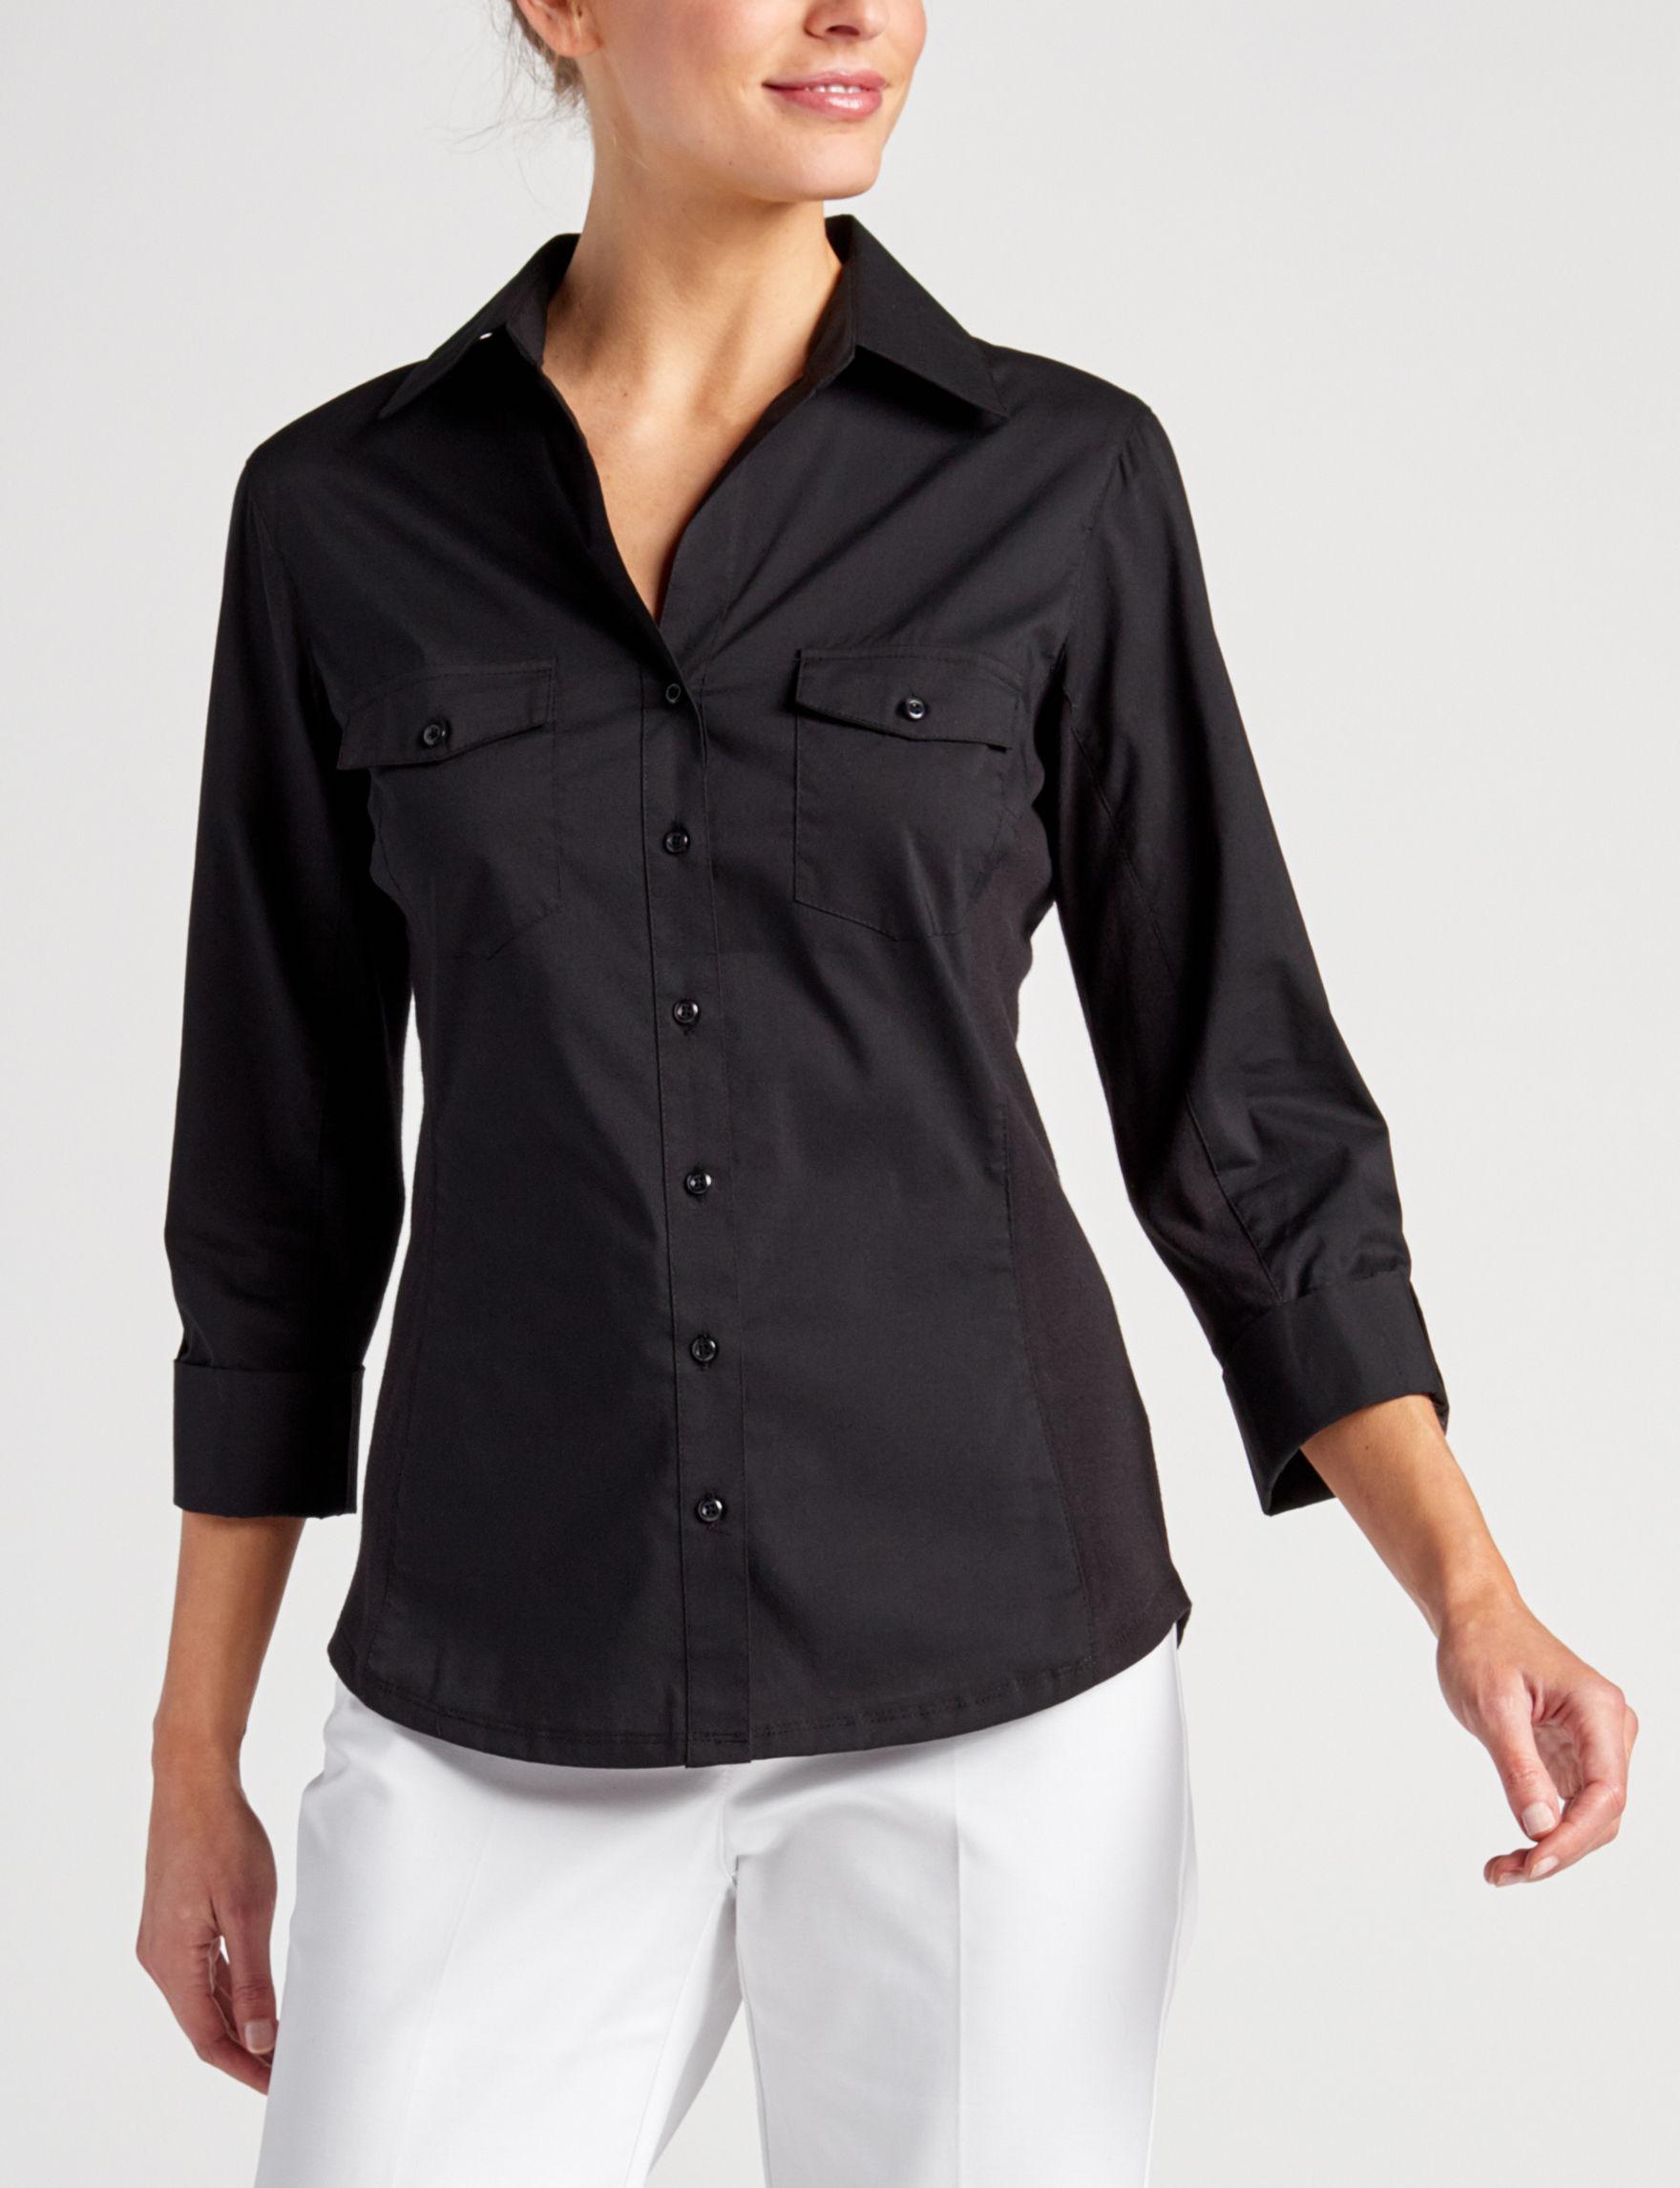 Zac & Rachel Black Shirts & Blouses